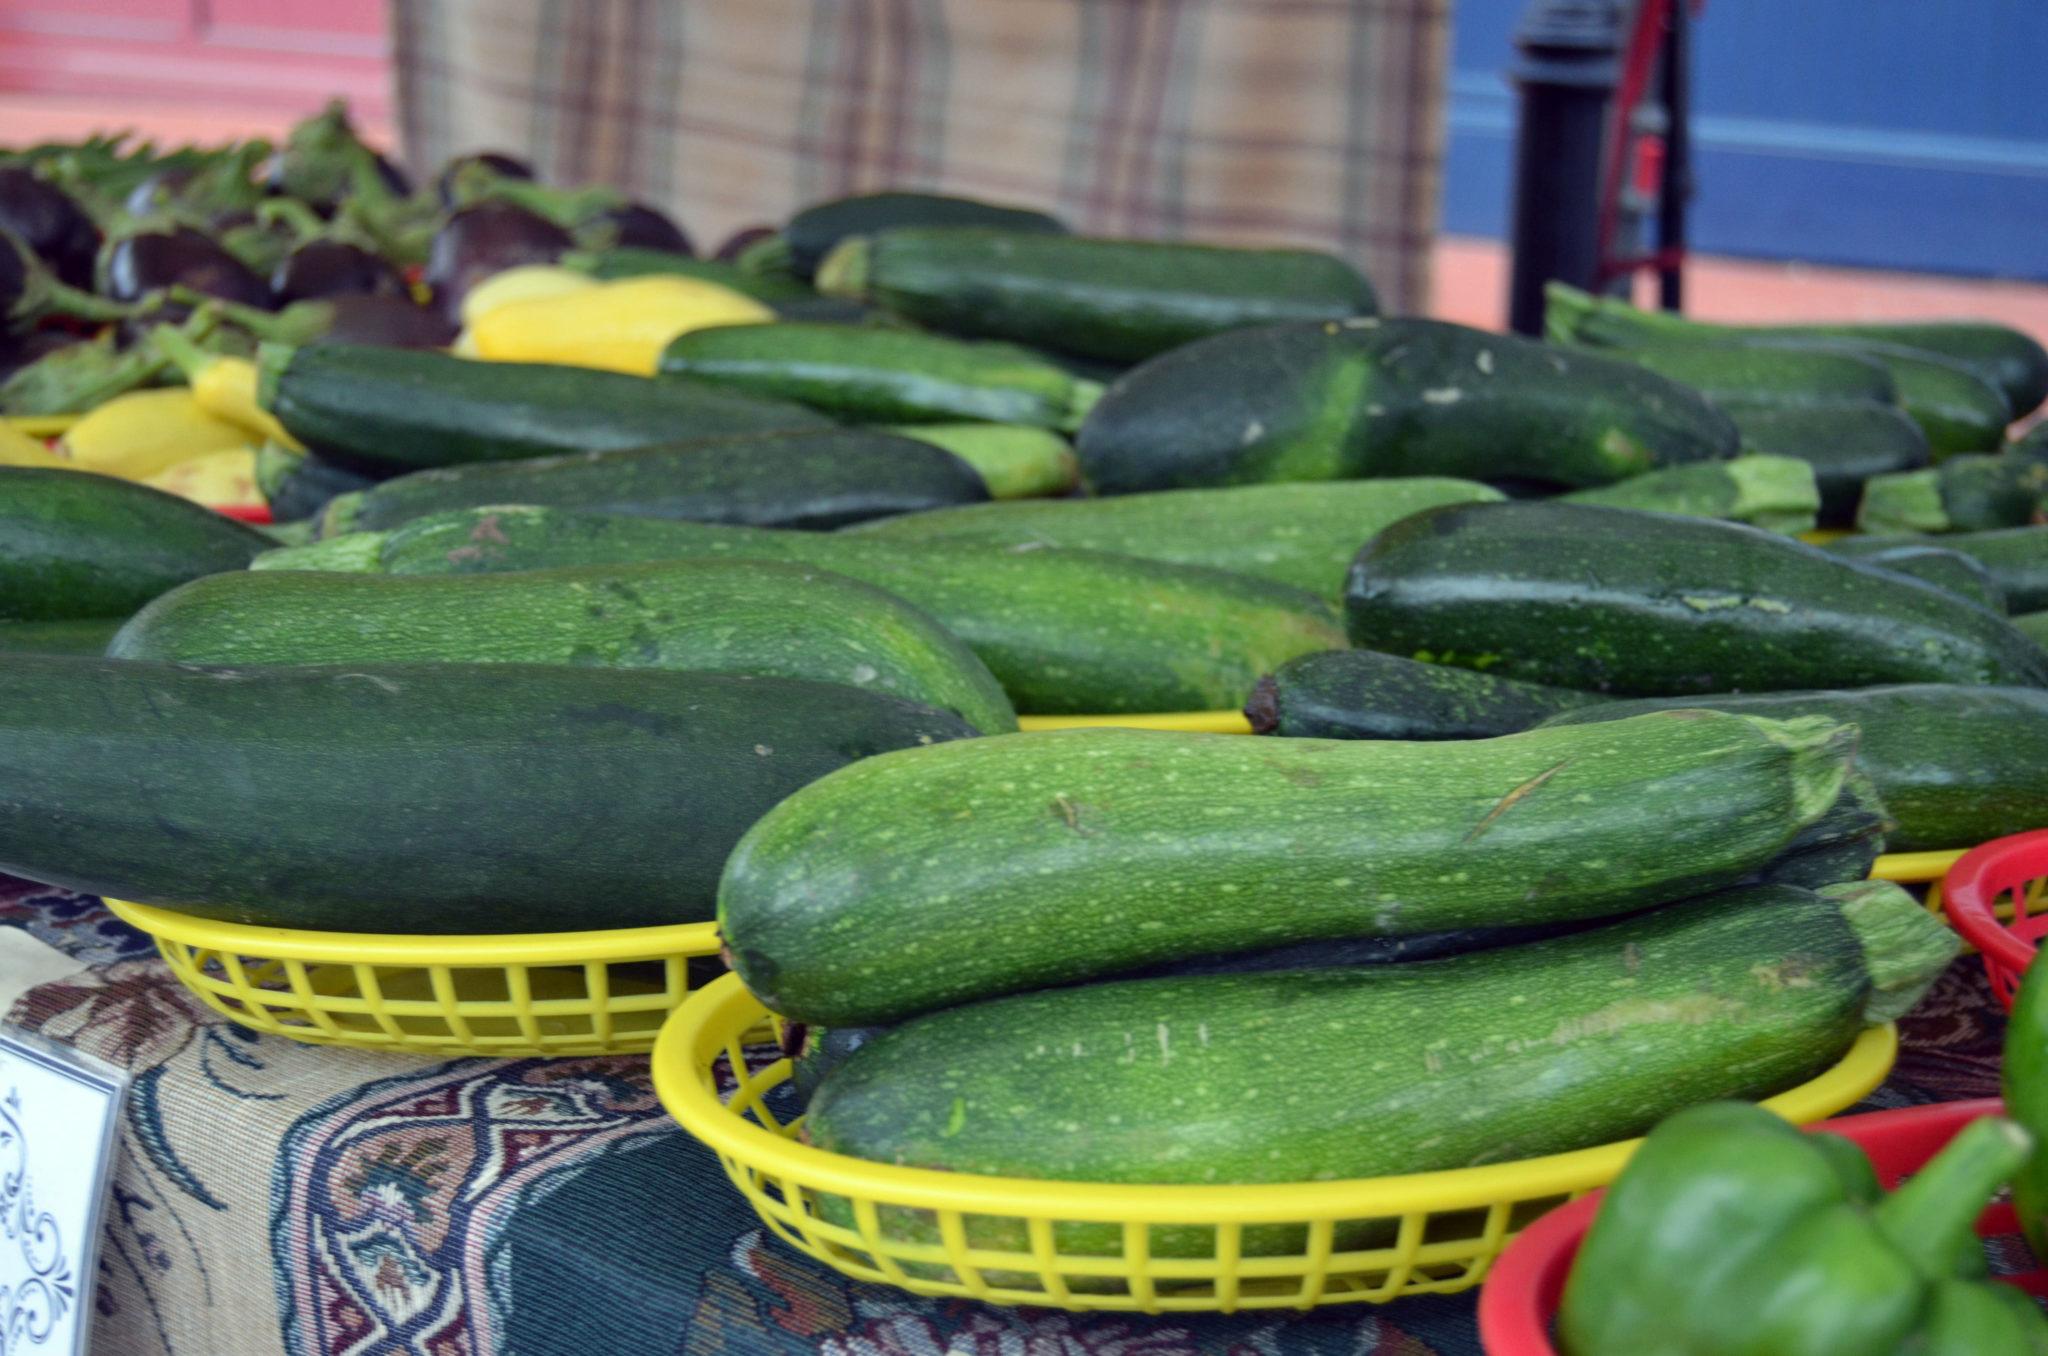 Zucchini at Farmers Market